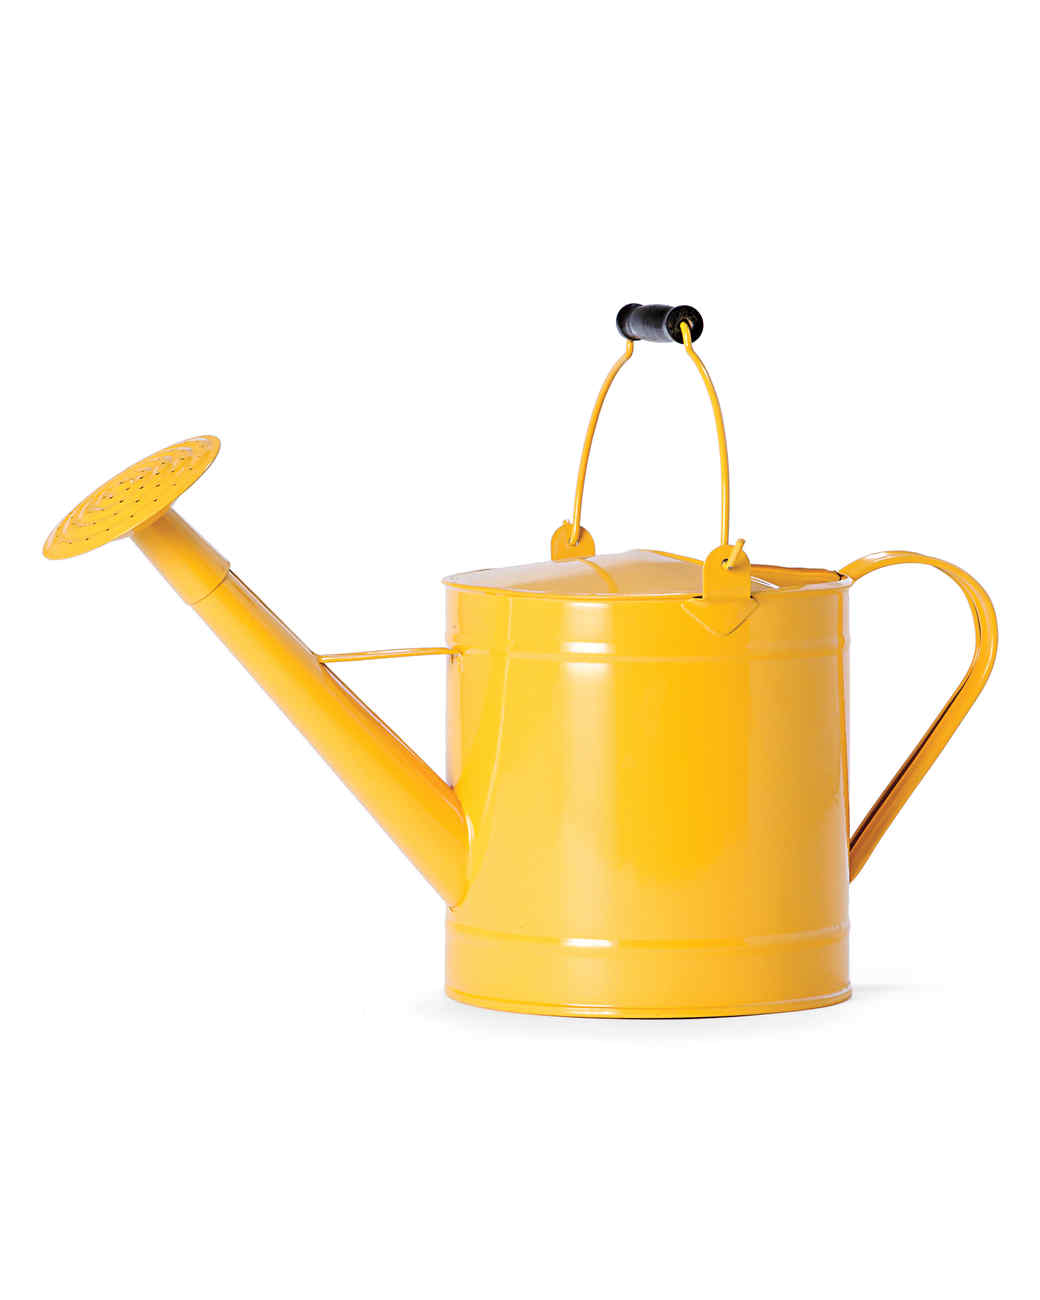 lemon-utility-watering-can-ms110096.jpg